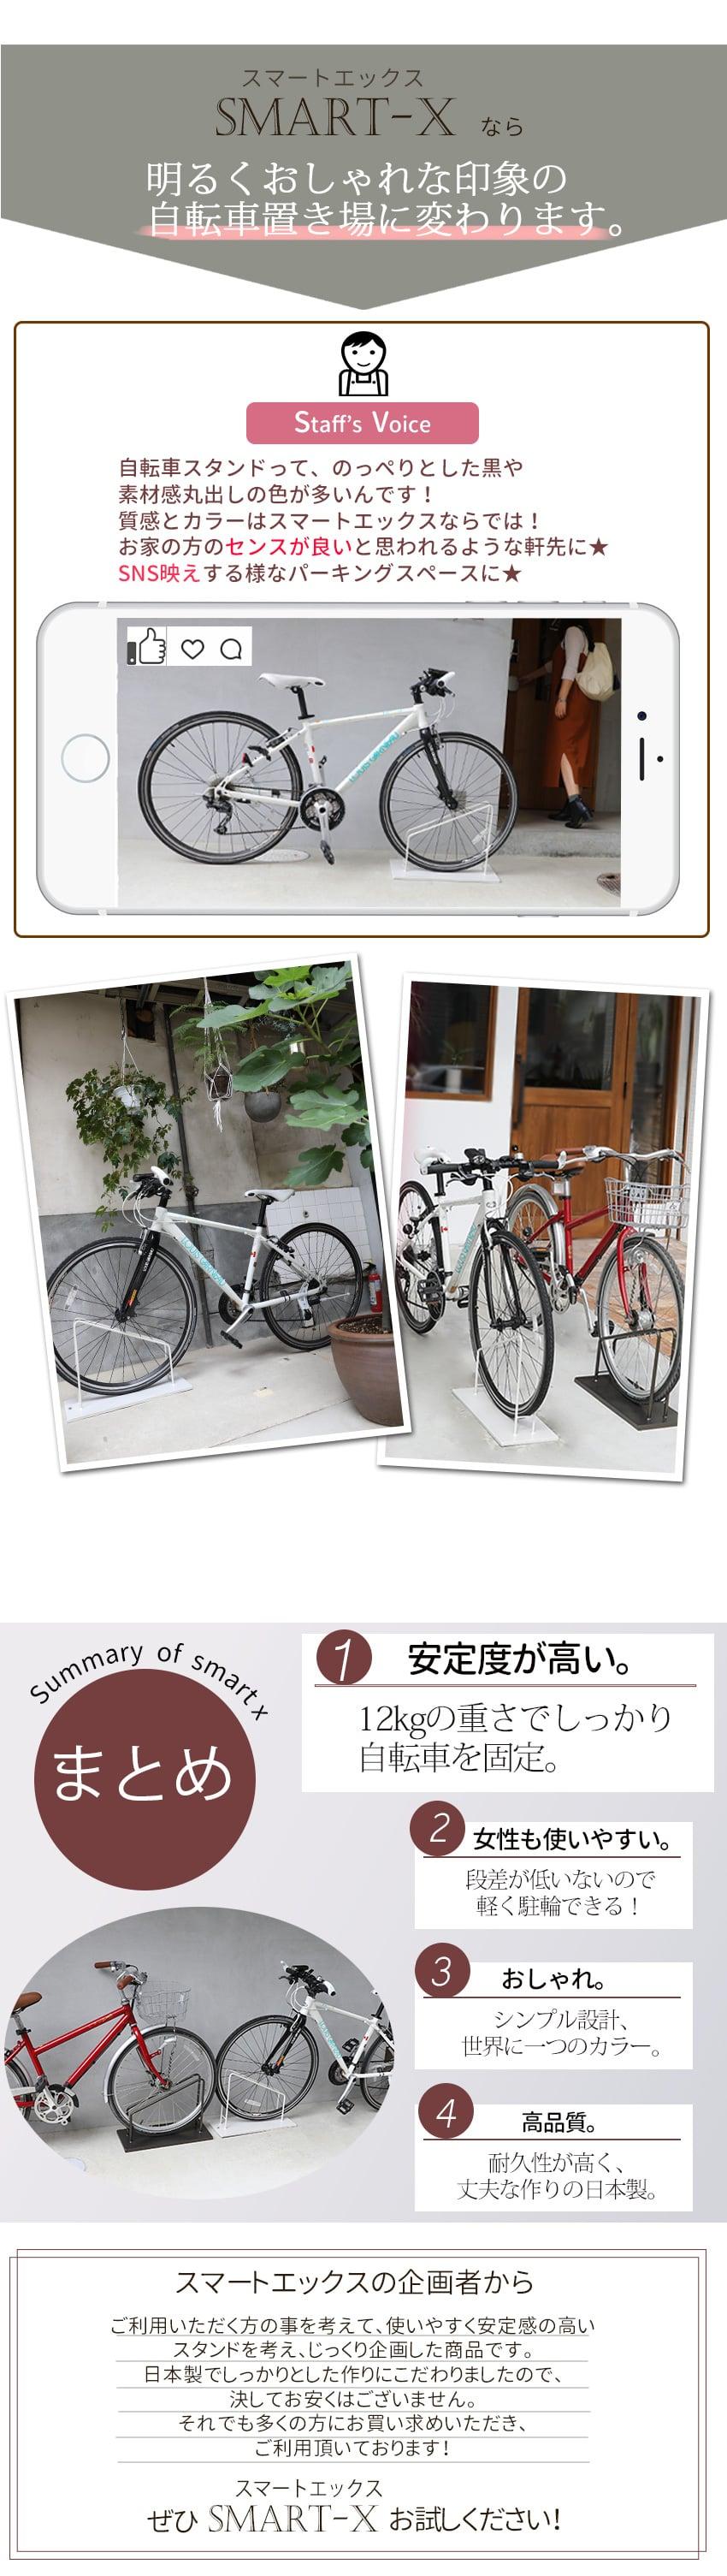 『アイアン自転車スタンド 』 3